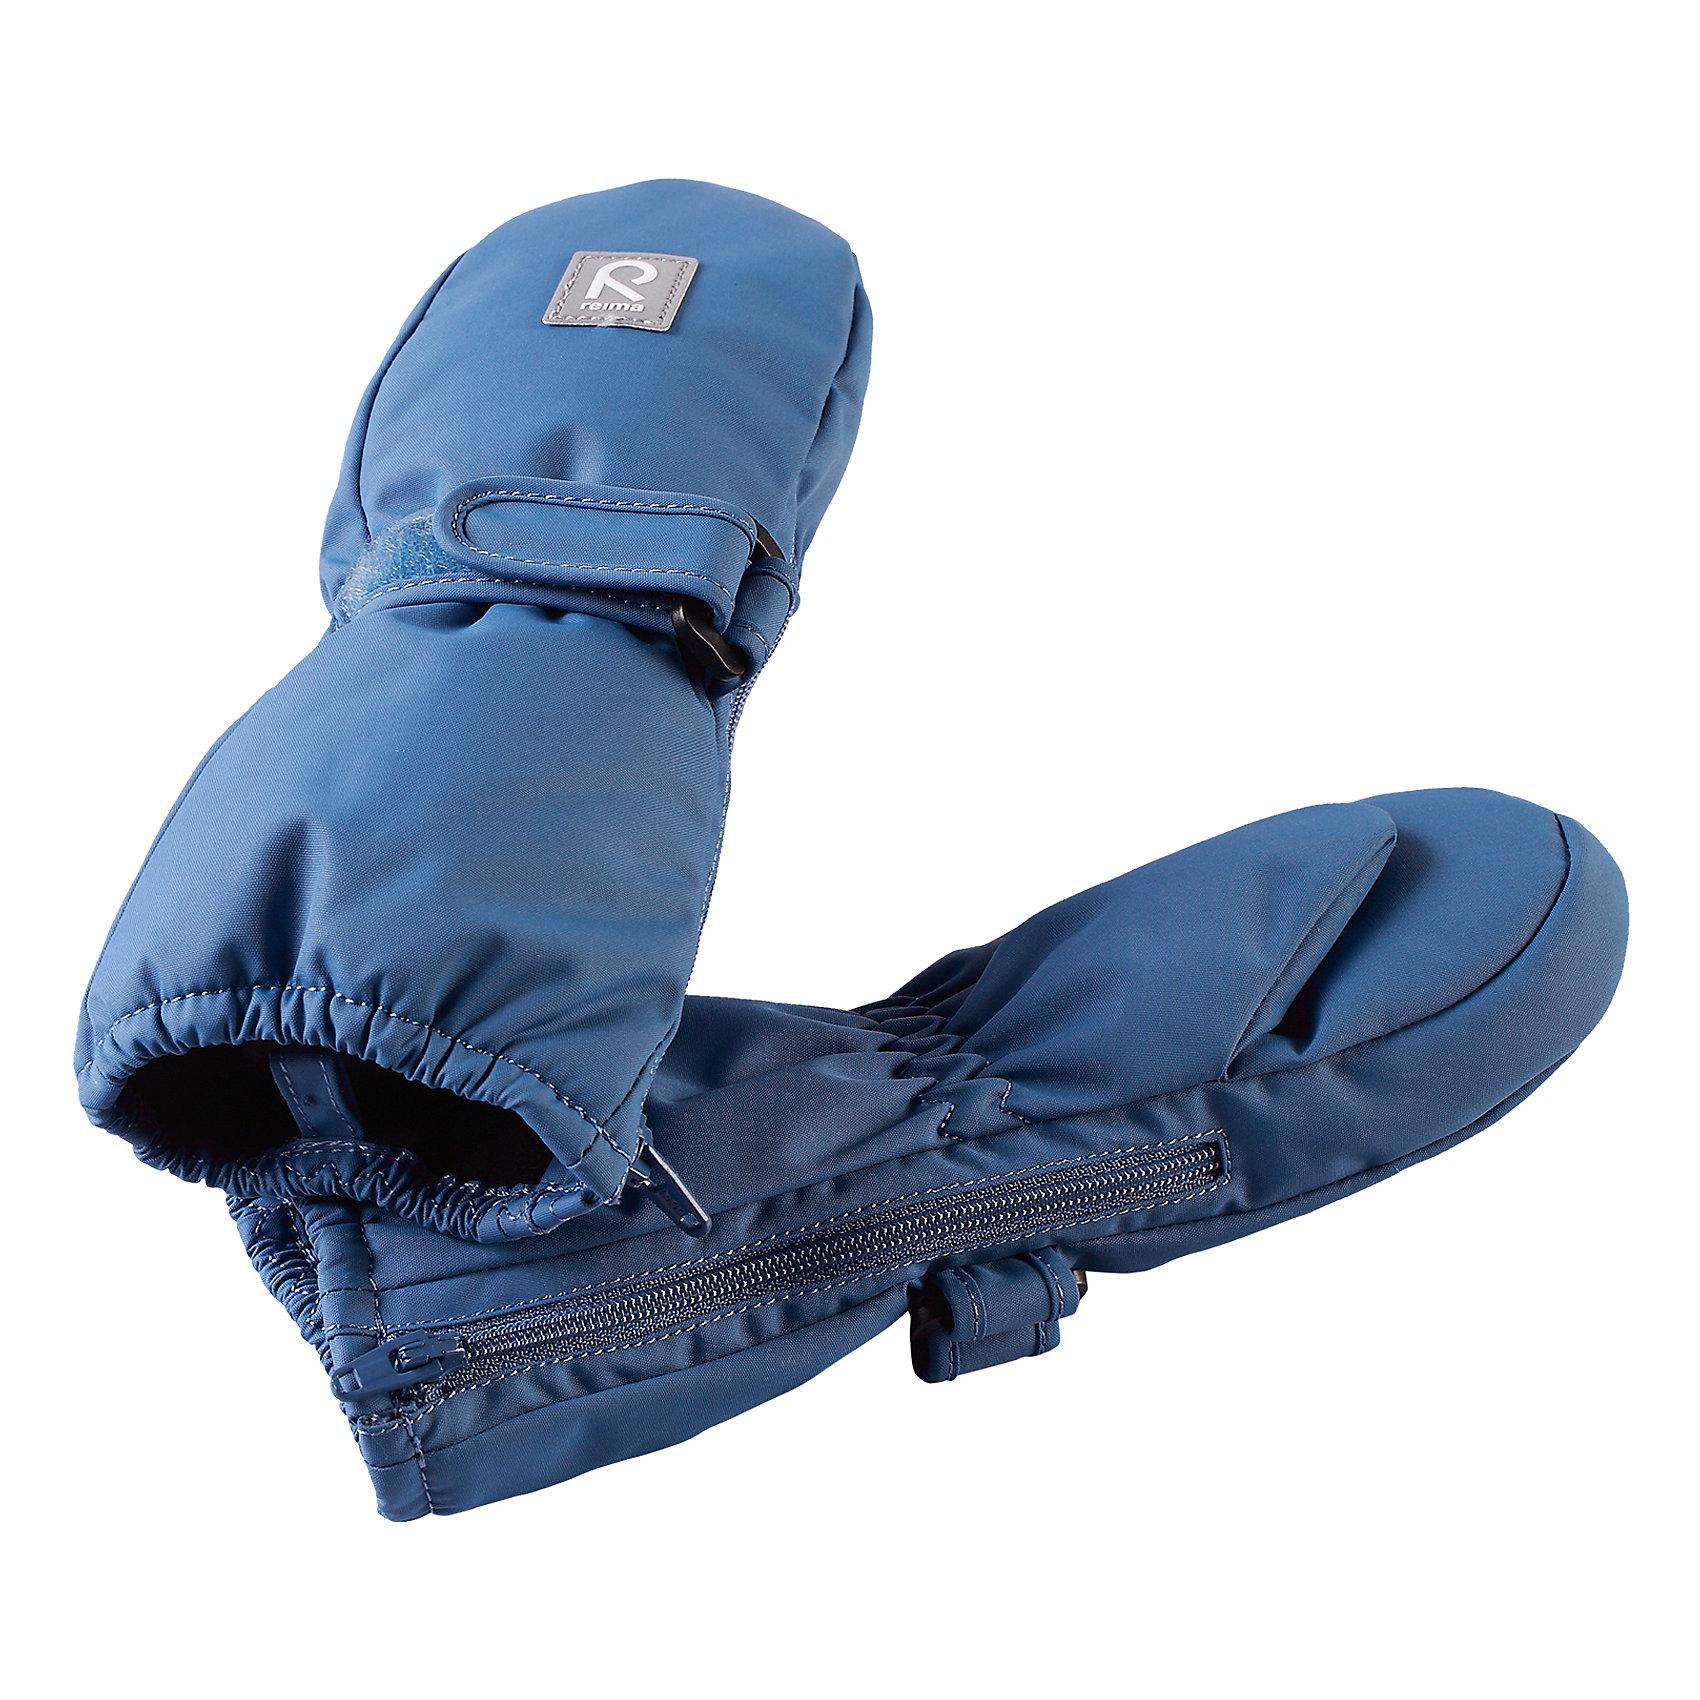 Варежки Reima TassuПерчатки, варежки<br>Характеристики товара:<br><br>• цвет: голубой;<br>• состав: 100% полиэстер;<br>• утеплитель: 170 г/м2 (comfort insulation);<br>• температурный режим: от -10 до -20С;<br>• сезон: зима; <br>• водонепроницаемость: 15000 мм;<br>• воздухопроницаемость: 7000 мм;<br>• износостойкость: 40000 (тест Мартиндейла);<br>• особенности модели: на молнии, на липучке;<br>• застежка: молния и липучка-утяжка;<br>• водонепроницаемый прочный материал;<br>• ветронепроницаемый и грязеотталкивающий материал;<br>• подкладка из полиэстера с небольшим начесом;<br>• обратите внимание, что из-за молнии изделие не является полностью водонепроницаемым;<br>• логотип Reima;<br>• страна бренда: Финляндия;<br>• страна изготовитель: Китай.<br><br>Зимние варежки на молнии отлично подойдут для сухой морозной зимней поры. Благодаря молнии, эти варежки легко надеть на ручки, а мягкая трикотажная подкладка из полиэстера очень приятна на ощупь. Варежки имеют липучку, с помощью которой можно регулировать обхват. Варежки очень просты в уходе – их можно сушить в сушильной машине, так что сразу после стирки они будут снова готовы к веселым снежным приключениям.<br><br>Варежки Tassu Reima от финского бренда Reima (Рейма) можно купить в нашем интернет-магазине.<br><br>Ширина мм: 162<br>Глубина мм: 171<br>Высота мм: 55<br>Вес г: 119<br>Цвет: синий<br>Возраст от месяцев: 0<br>Возраст до месяцев: 12<br>Пол: Унисекс<br>Возраст: Детский<br>Размер: 0,2,1<br>SKU: 6908702